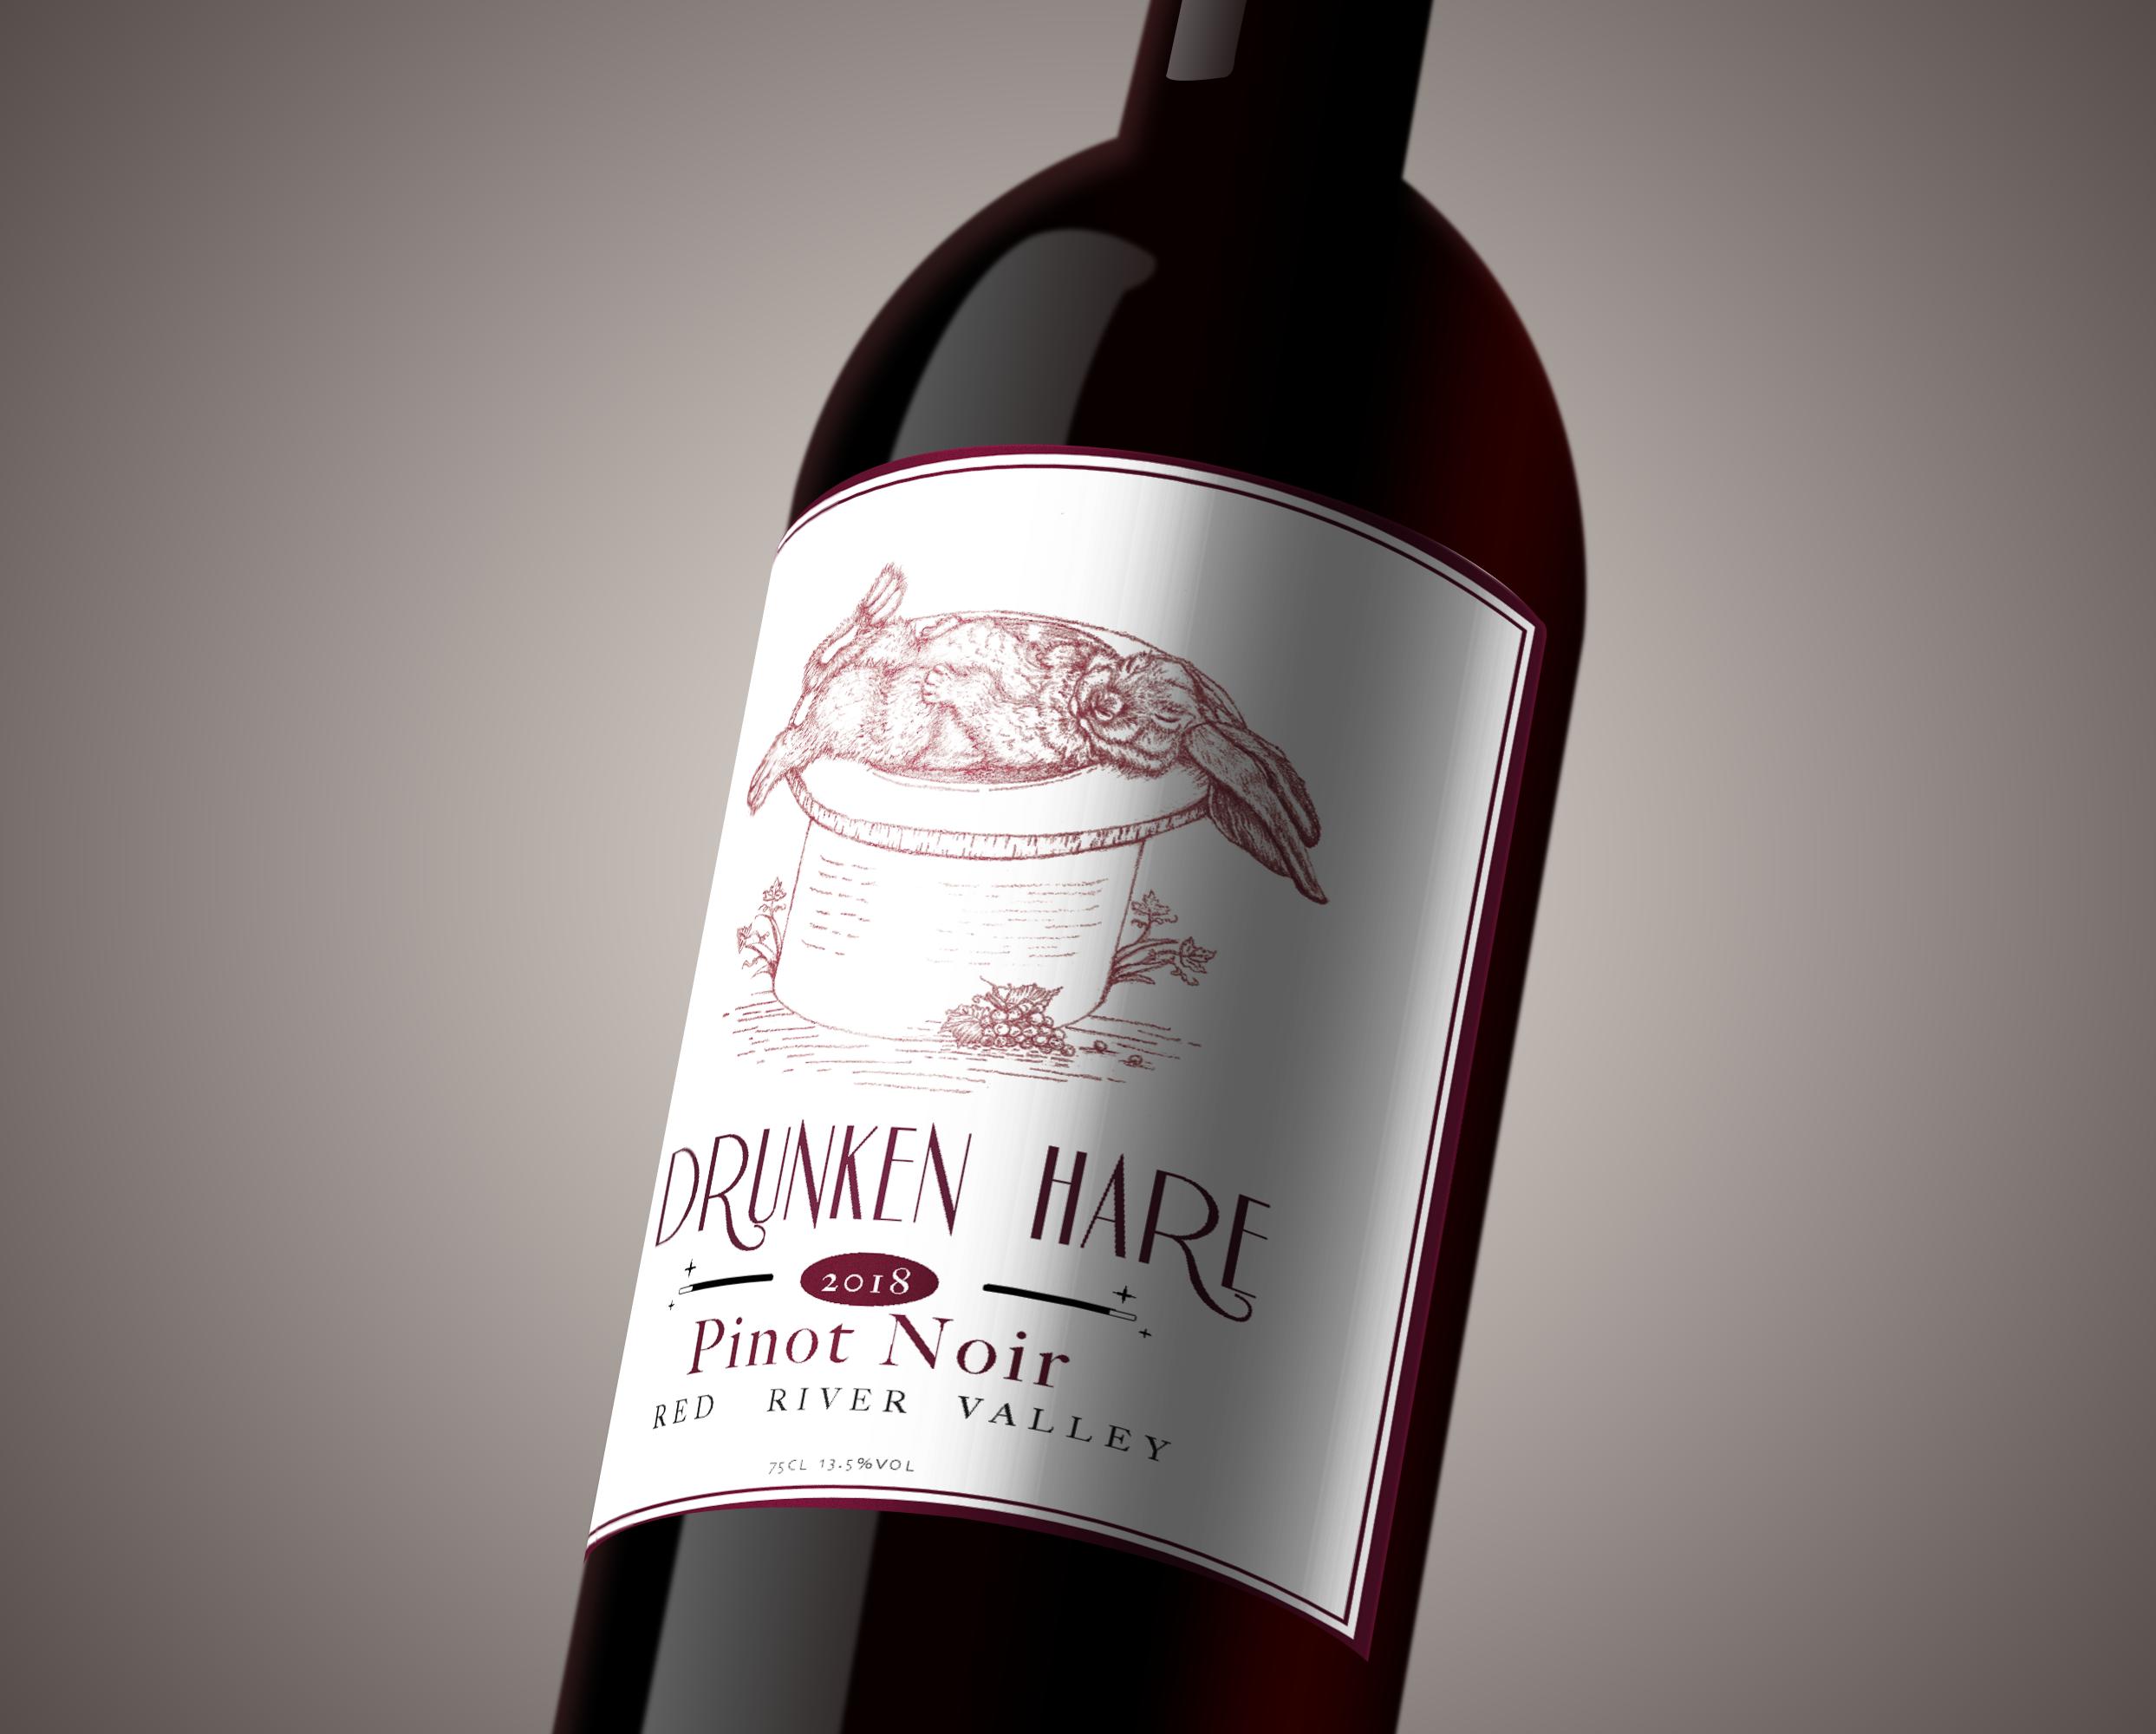 Concept label for Drunken Hare Pinot Noir